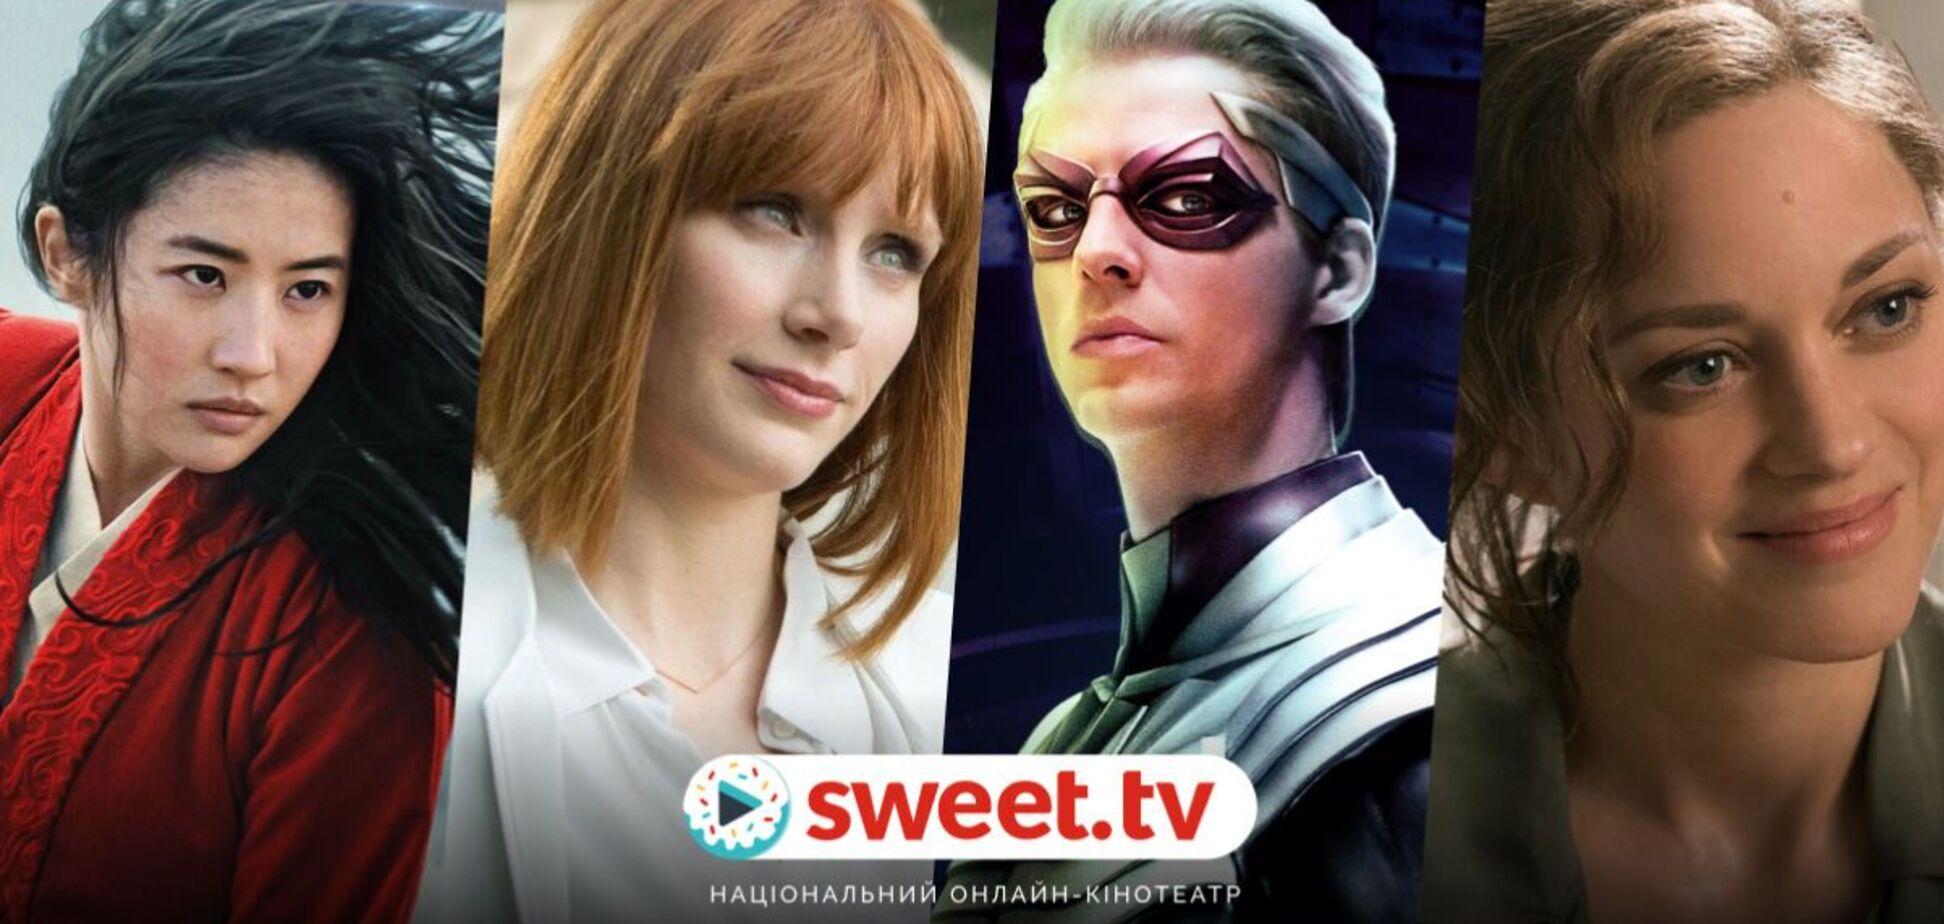 Грандіозне оновлення кінозалу на SWEET.TV: 100+ фільмів від Disney, Paramount і Sony